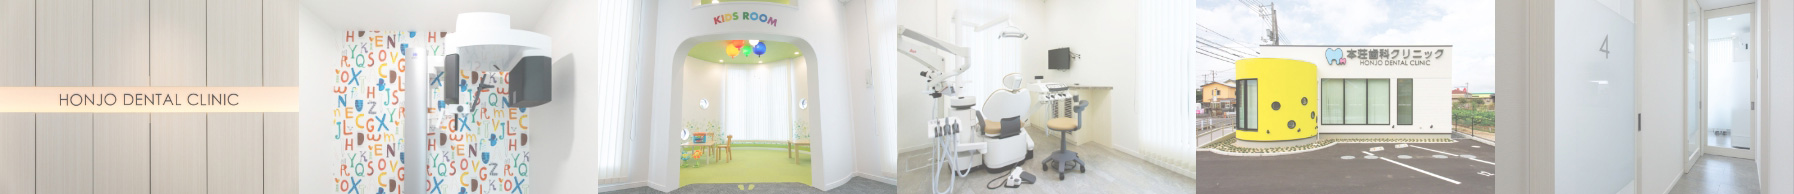 本荘歯科クリニック